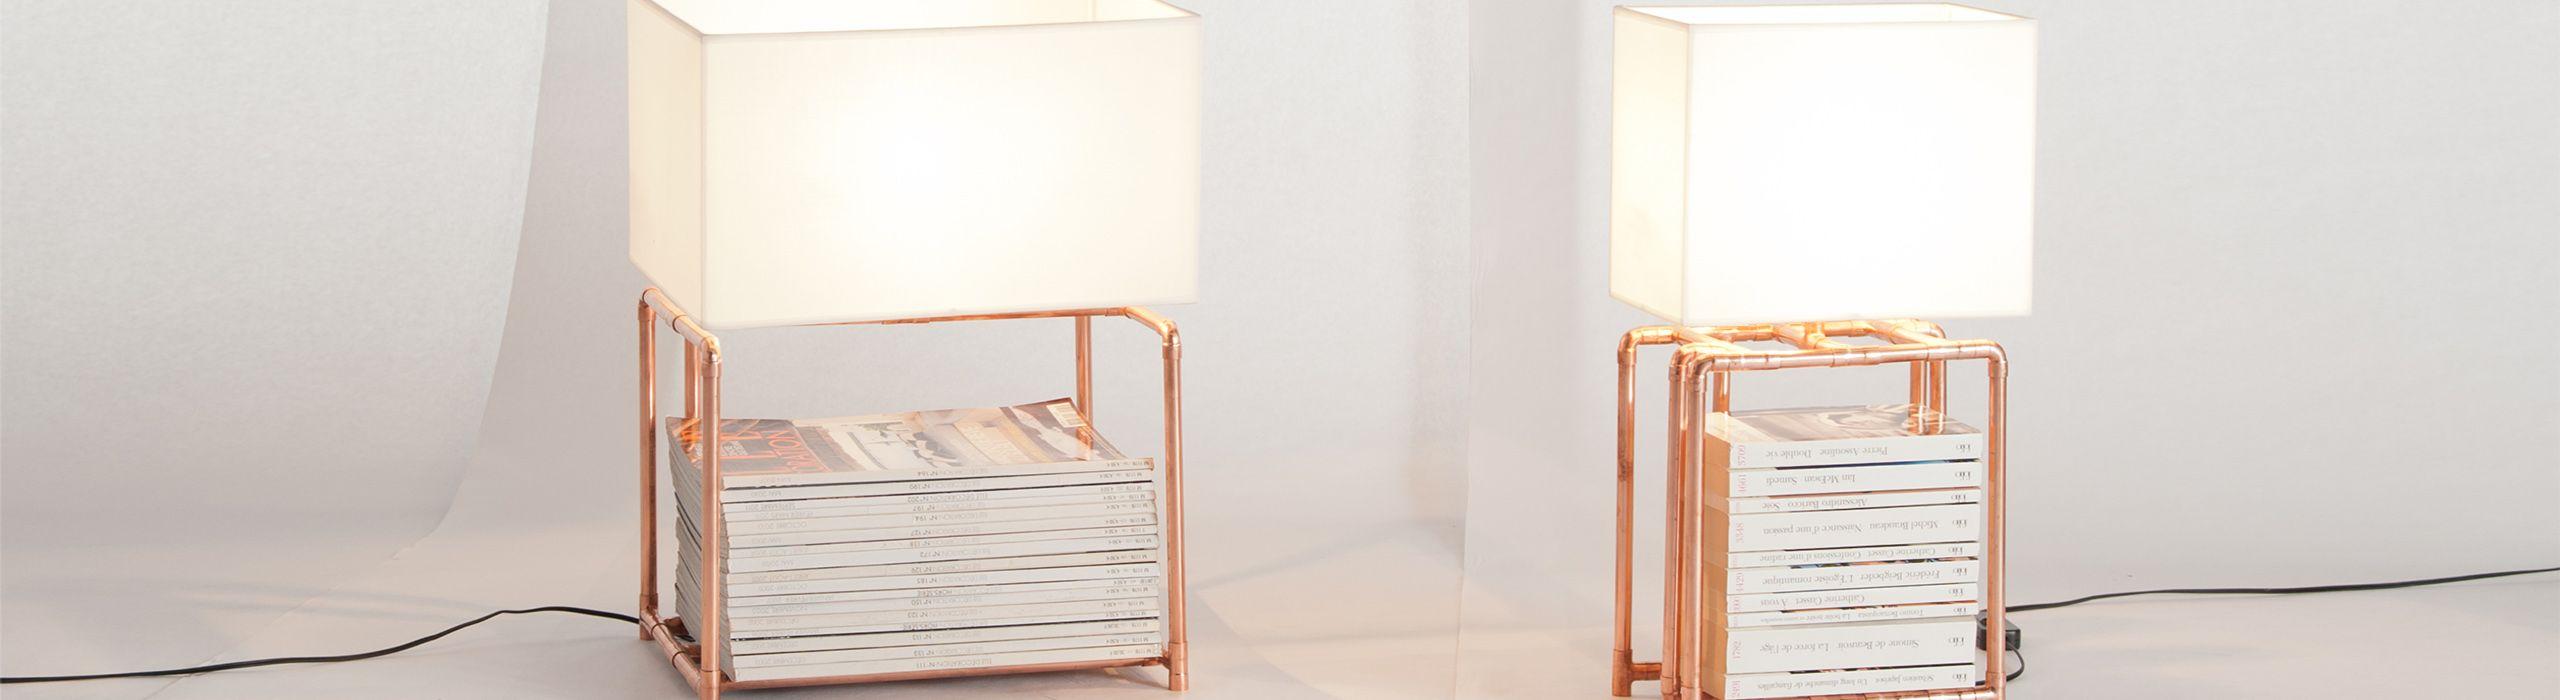 Lampe en cuivre avec rangement pour magazines - Akii Kollections